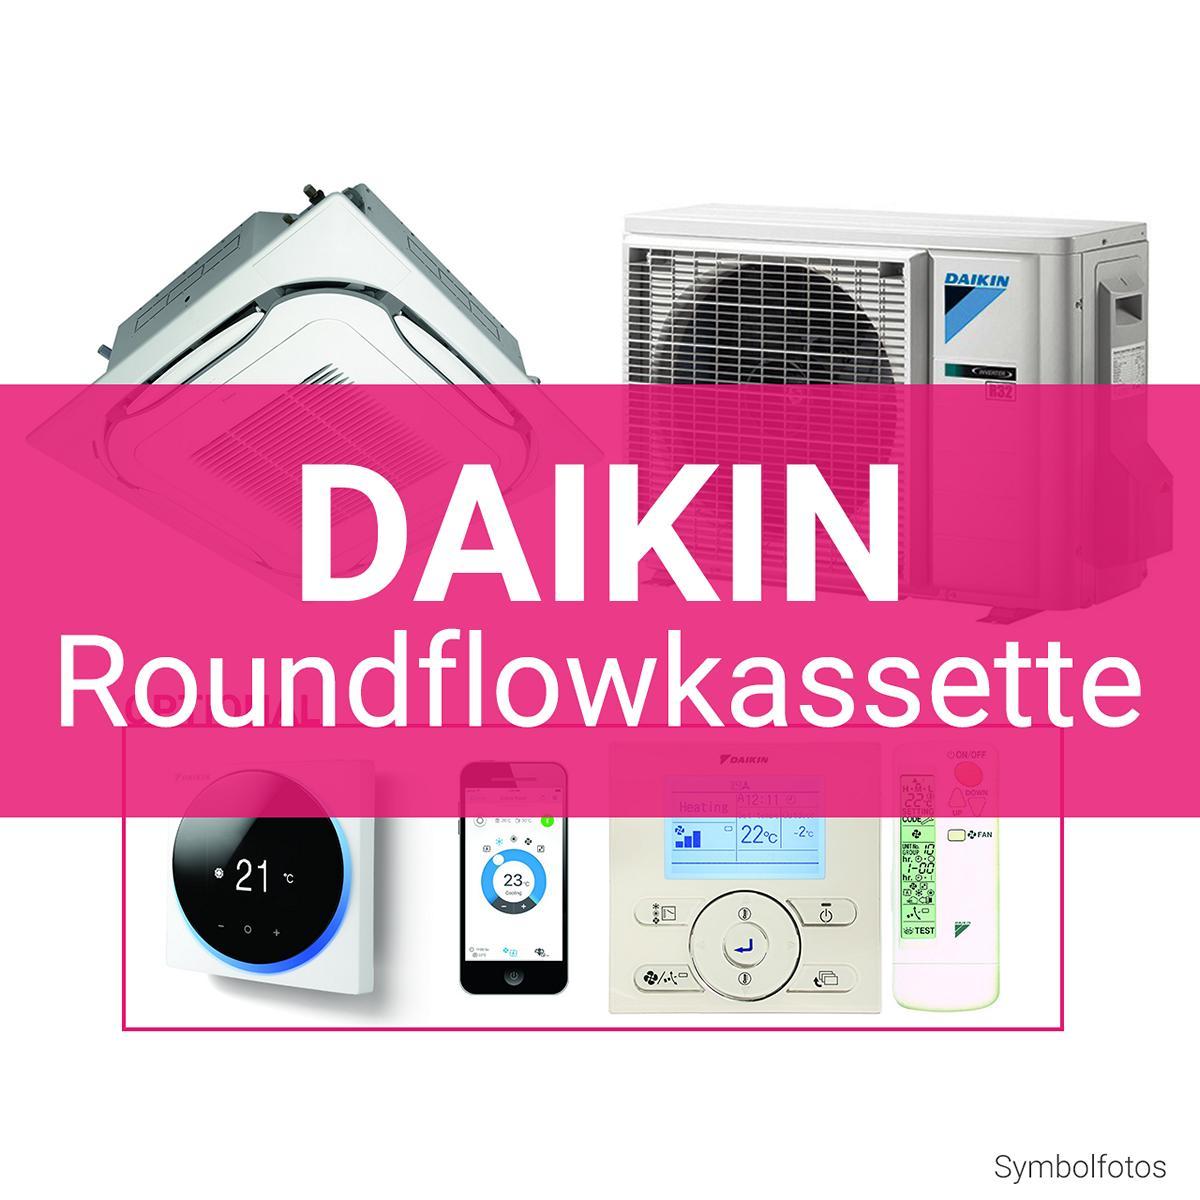 Daikin Roundflow Kassettengerät R32